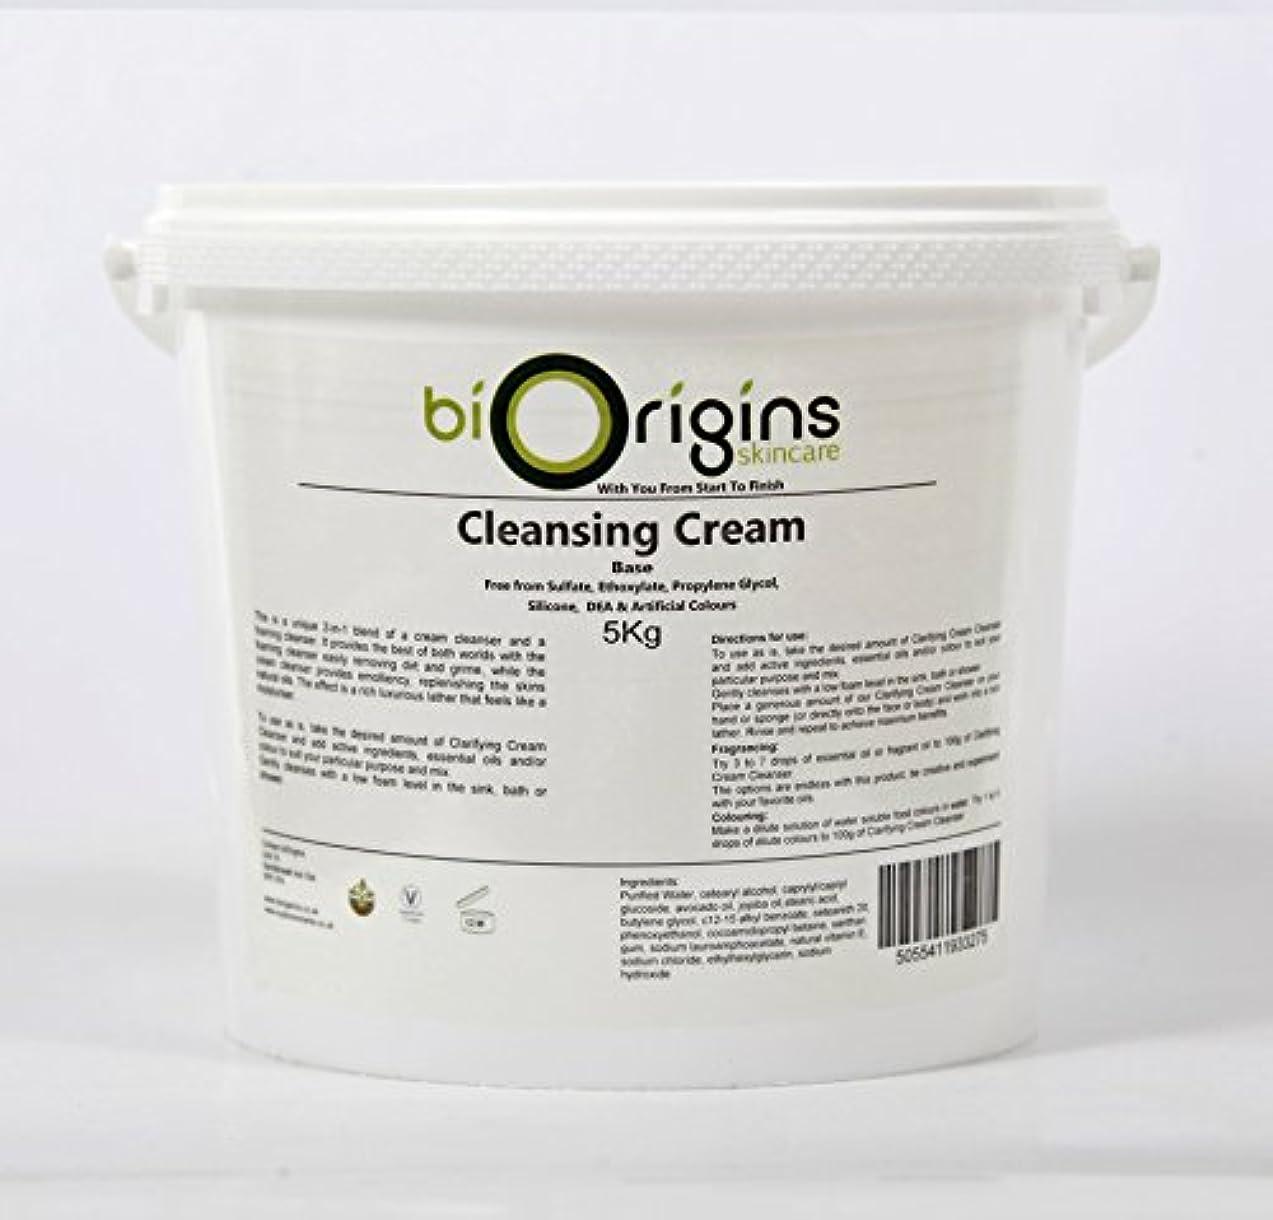 アデレード増強キャンベラClarifying Cleansing Cream - Botanical Skincare Base - 5Kg